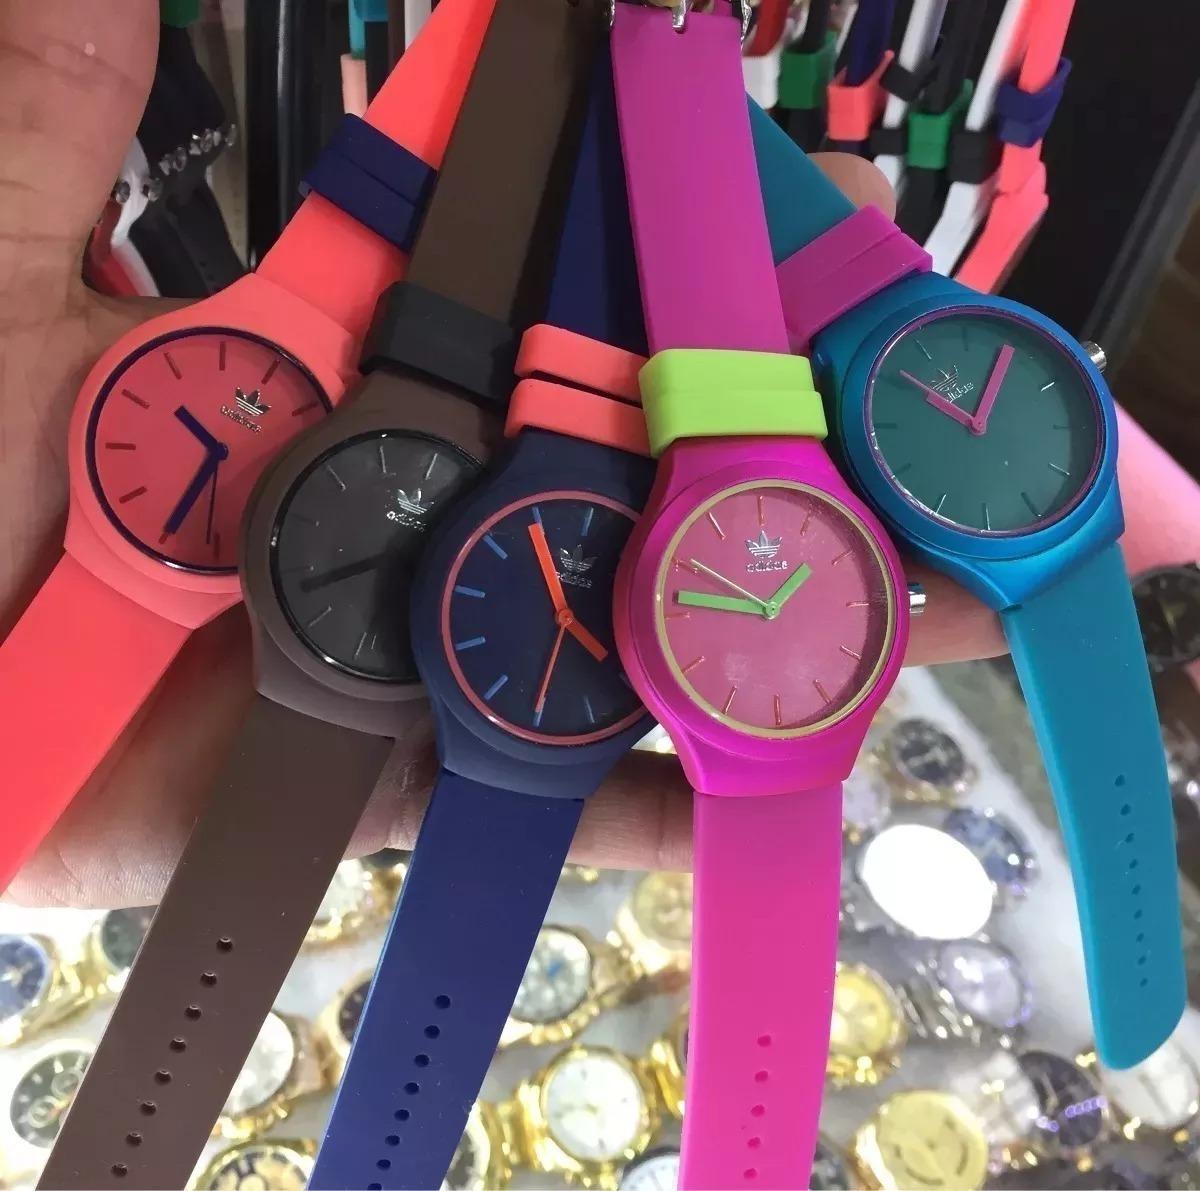 d3414663fd1 relógio adidas feminino esportivo escolha a cor. Carregando zoom.